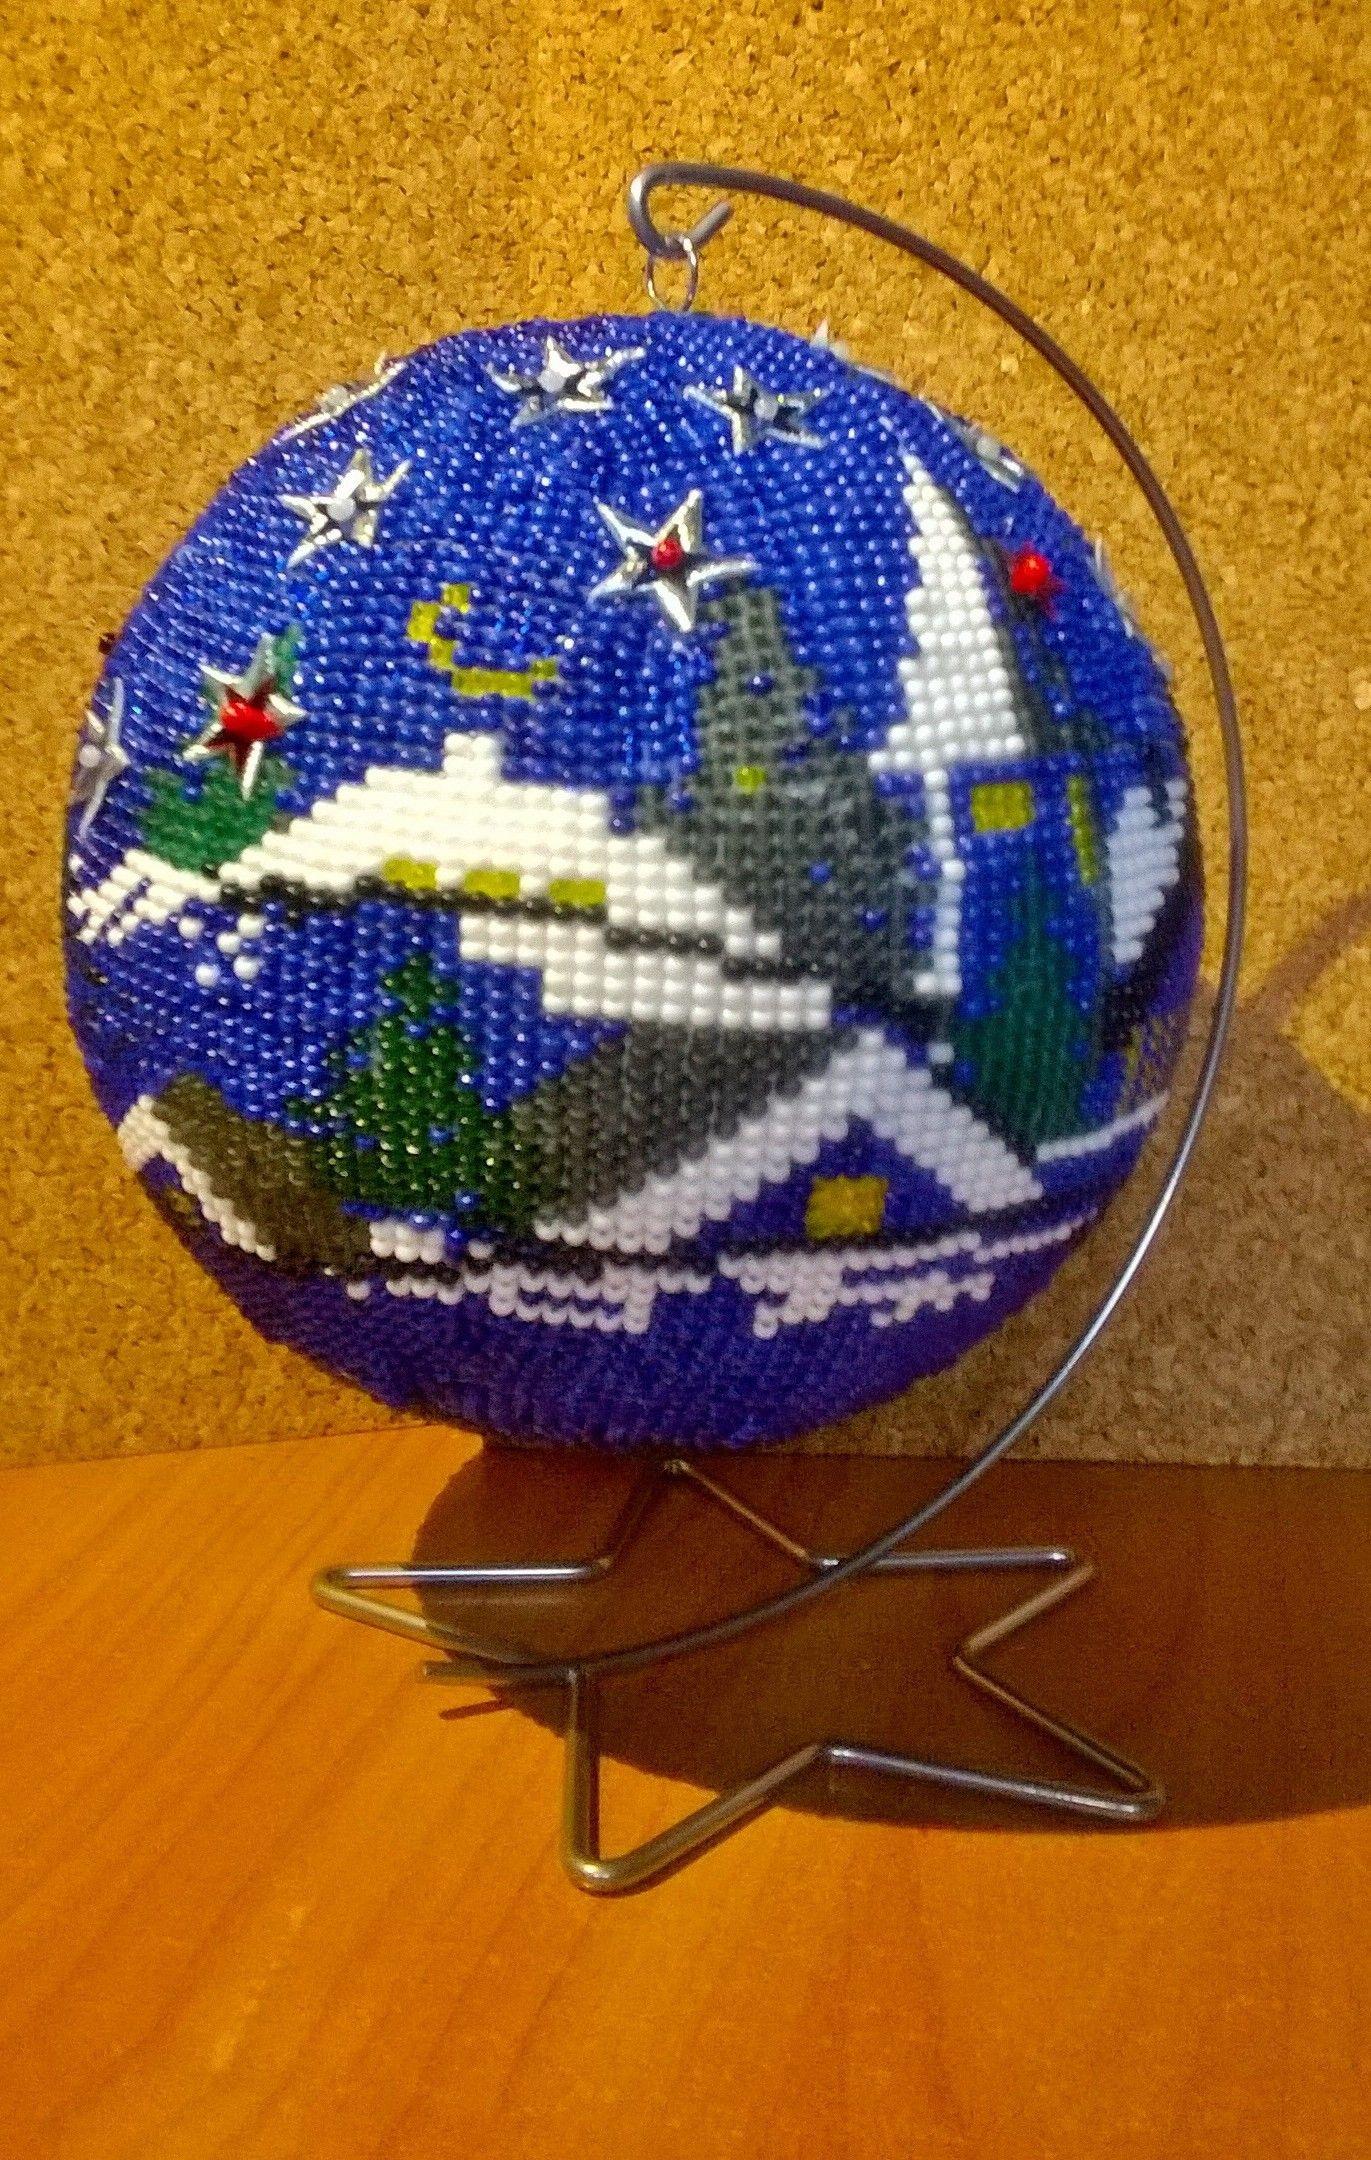 beads ball 15 cm width